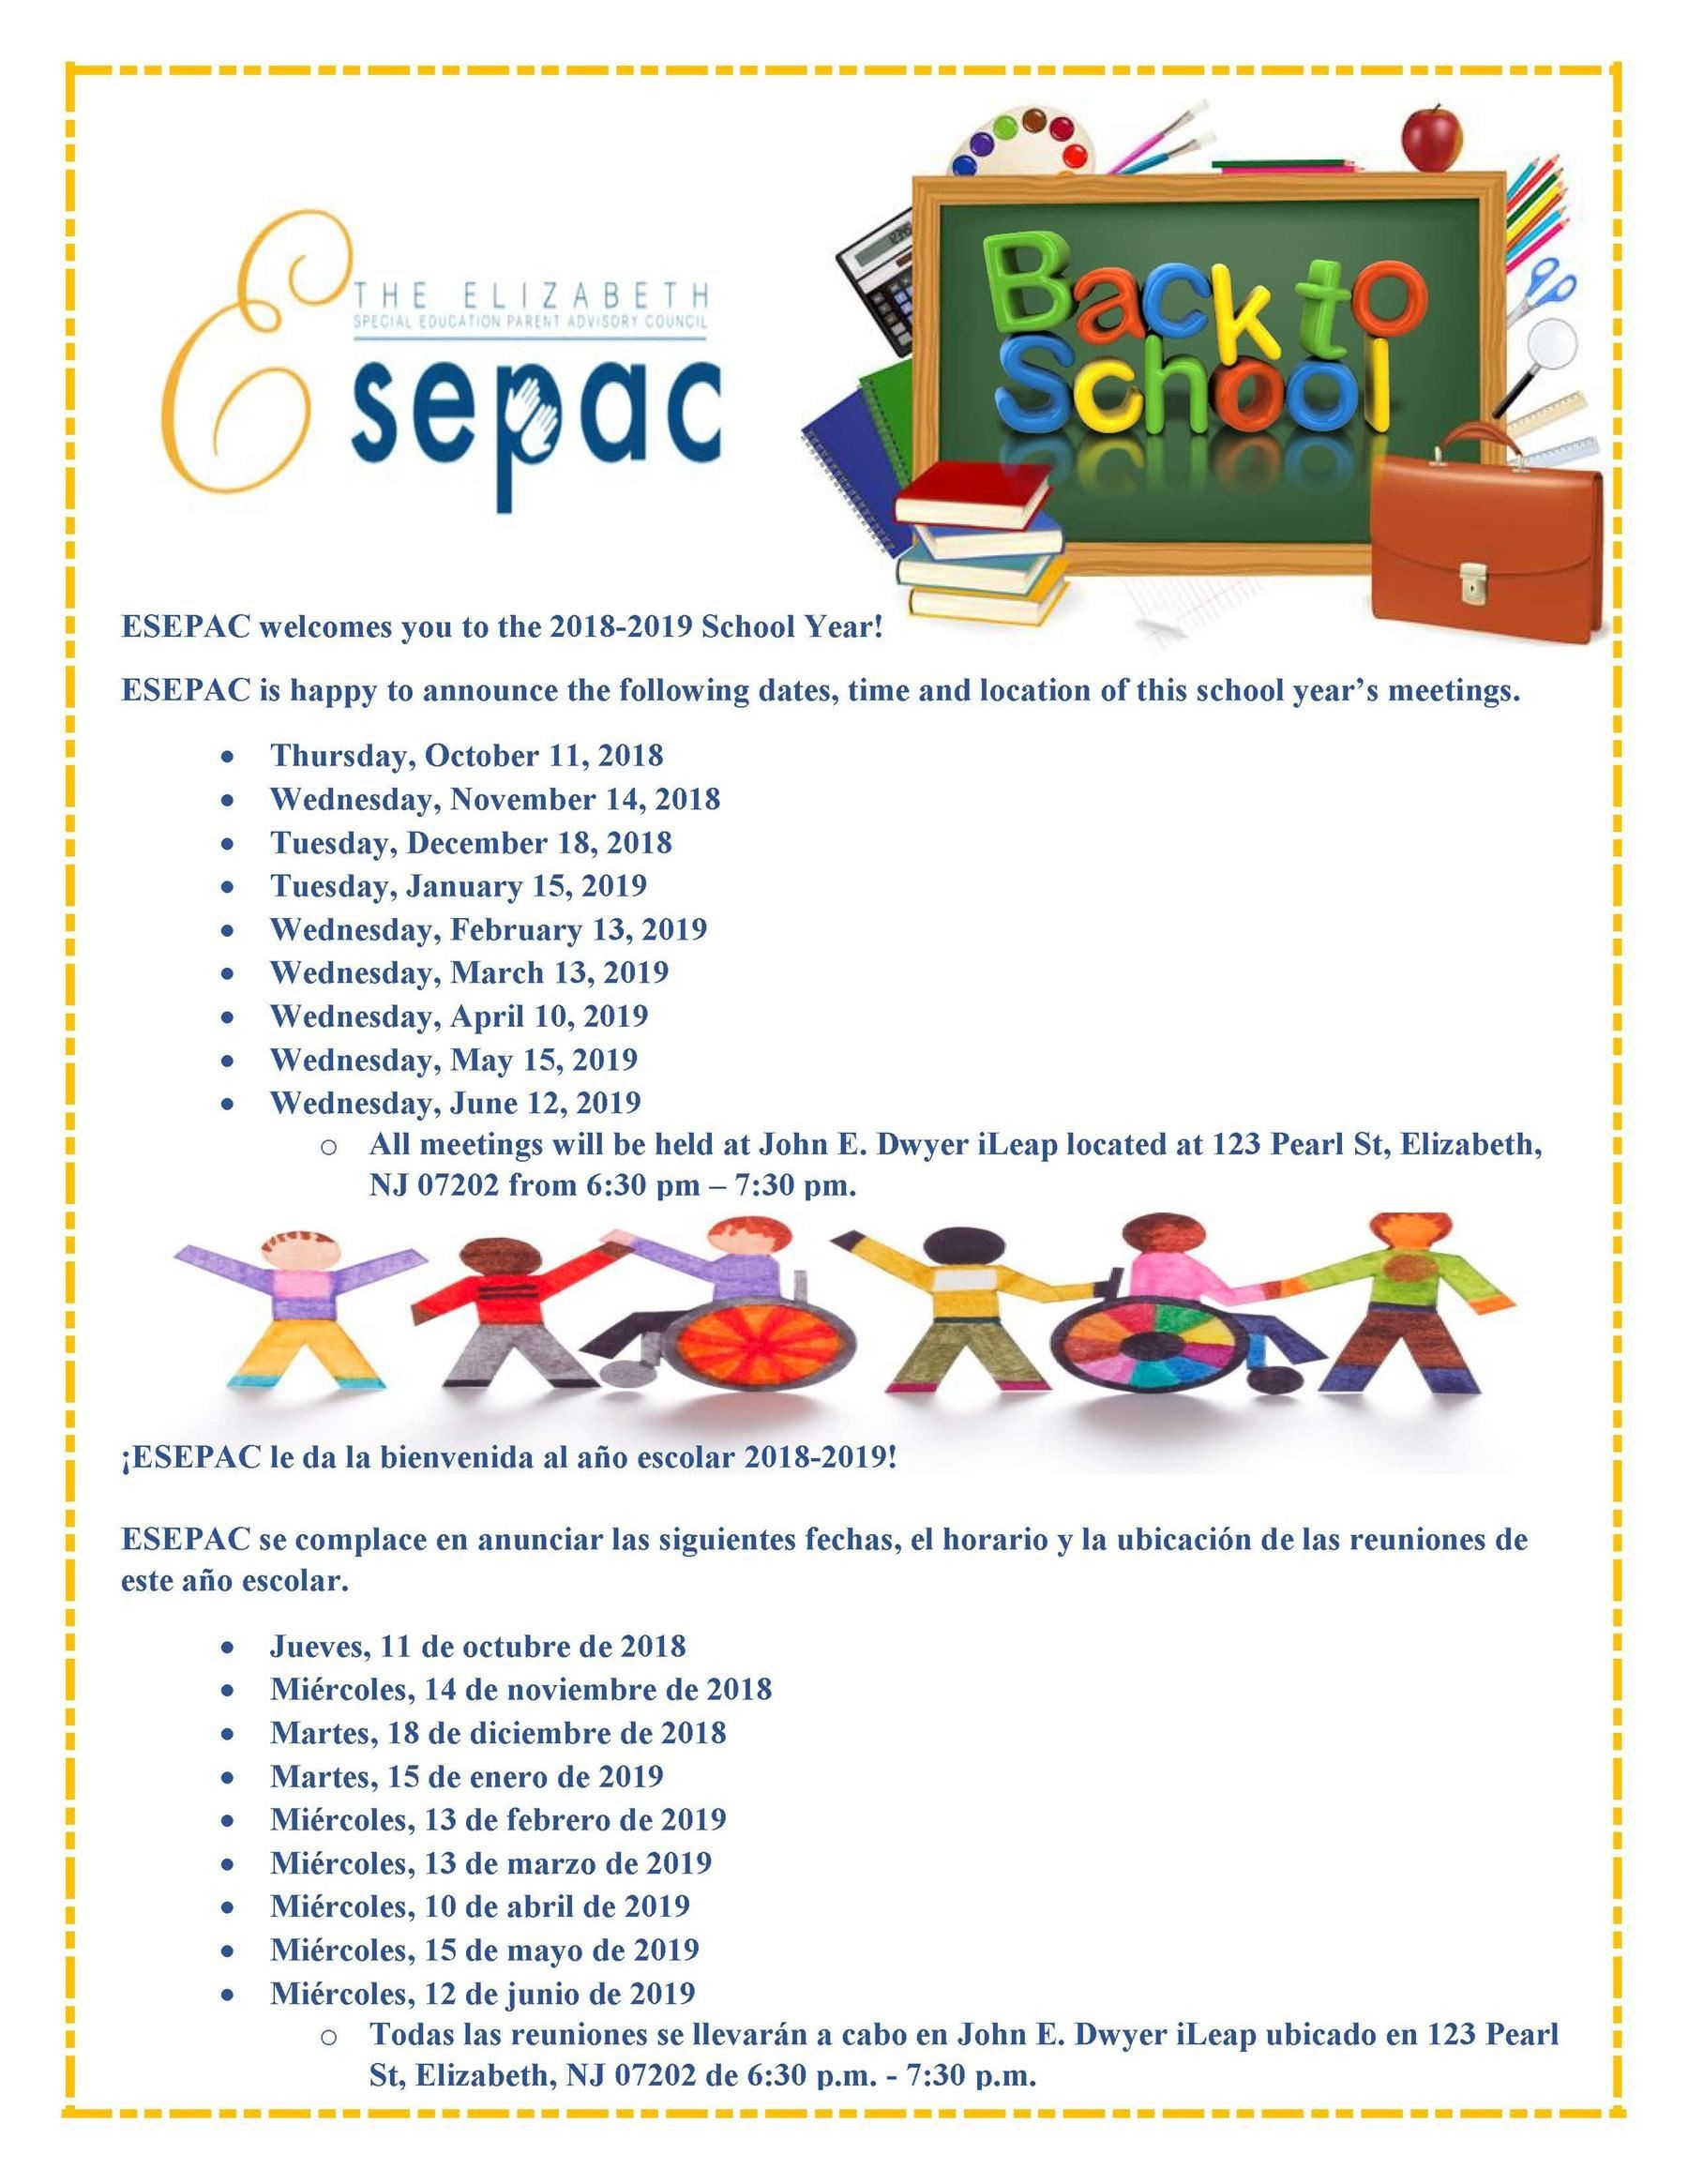 Calendario Escolar 2019 Puerto Rico Más Recientes District News Of Calendario Escolar 2019 Puerto Rico Más Recientes Edici³n Impresa 16 8 2017 Pages 1 32 Text Version